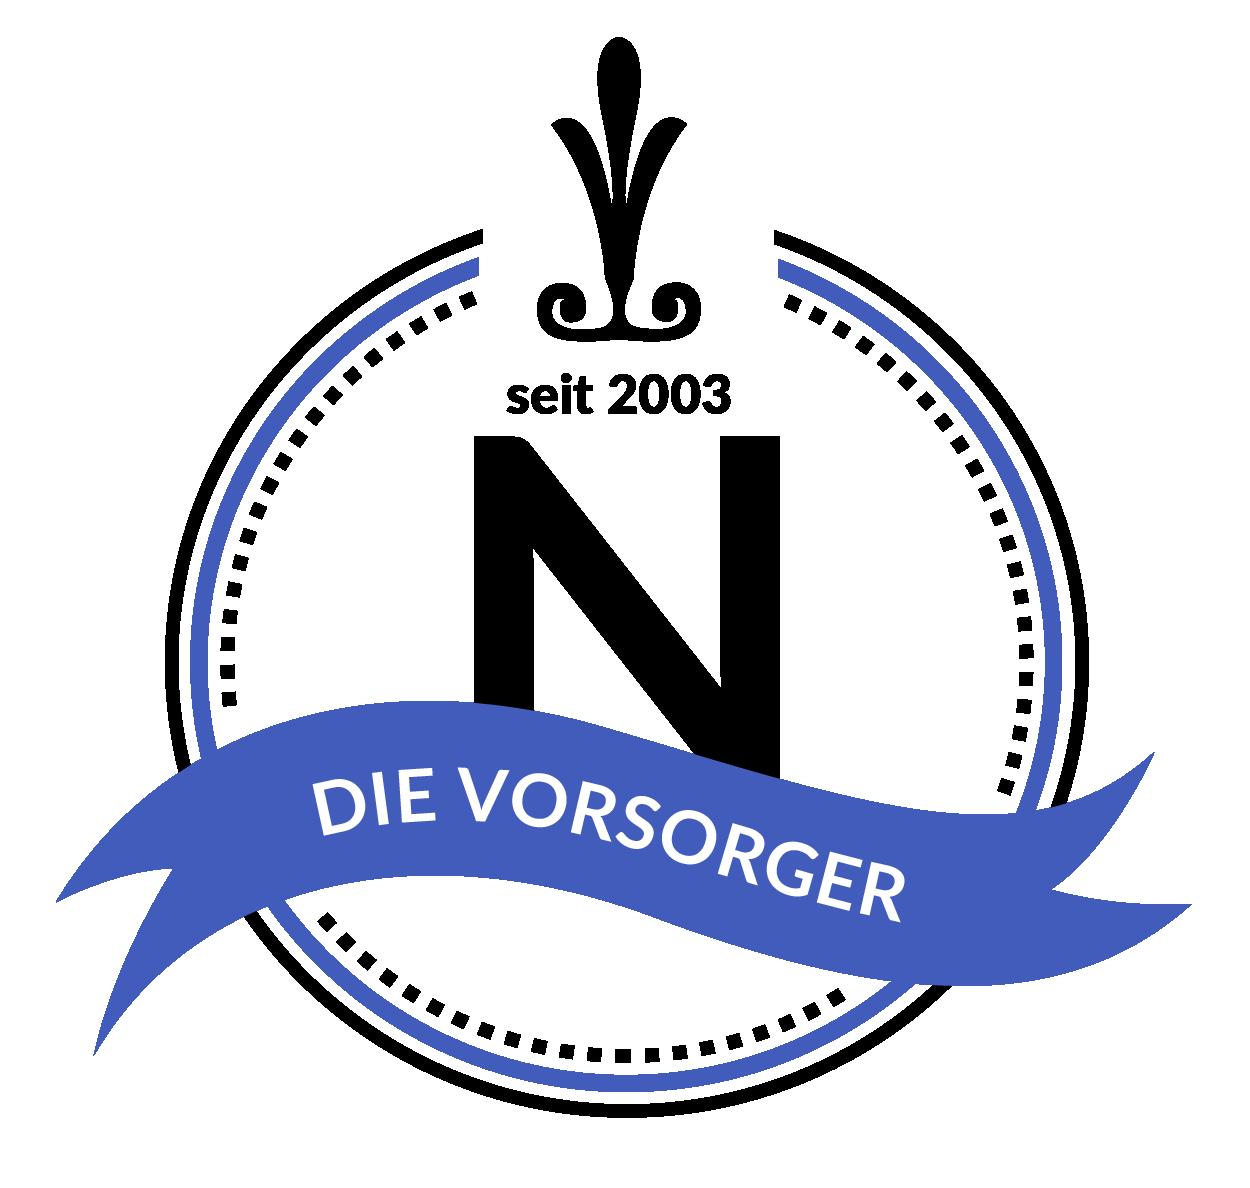 HNL_logo_endversion_dieVorsorger_transparent